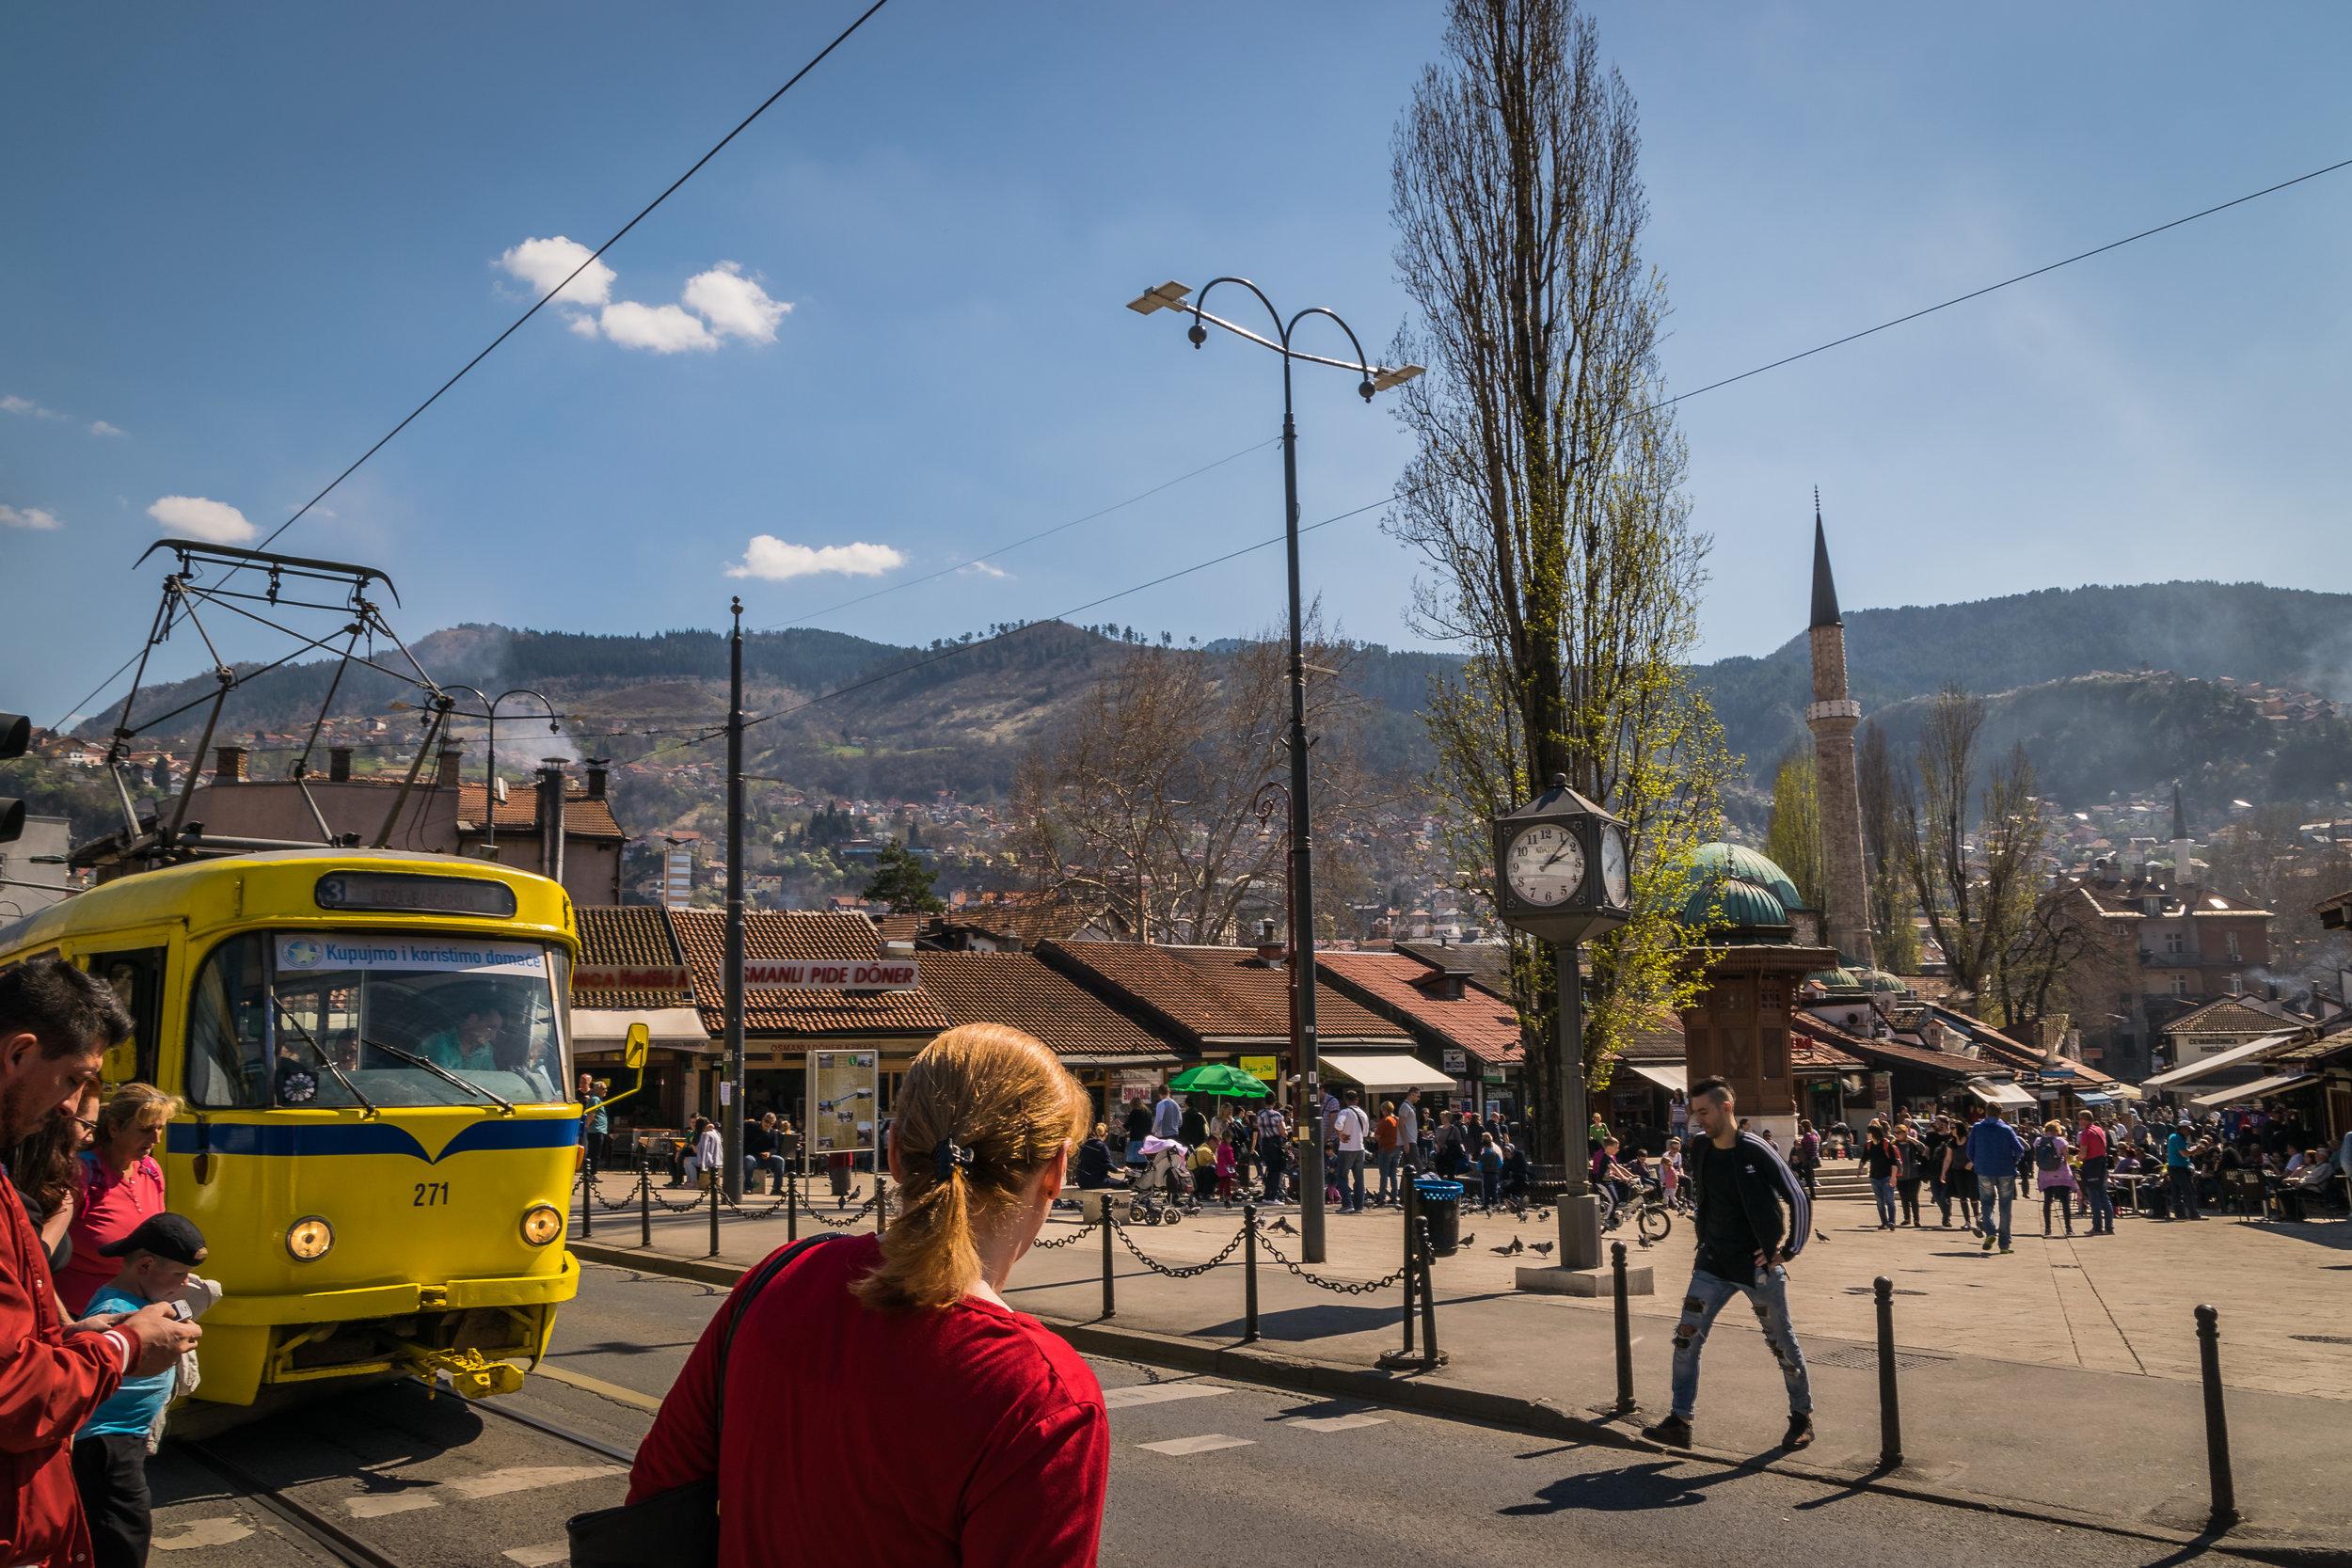 BiH__Sarajevo+main+image.jpg